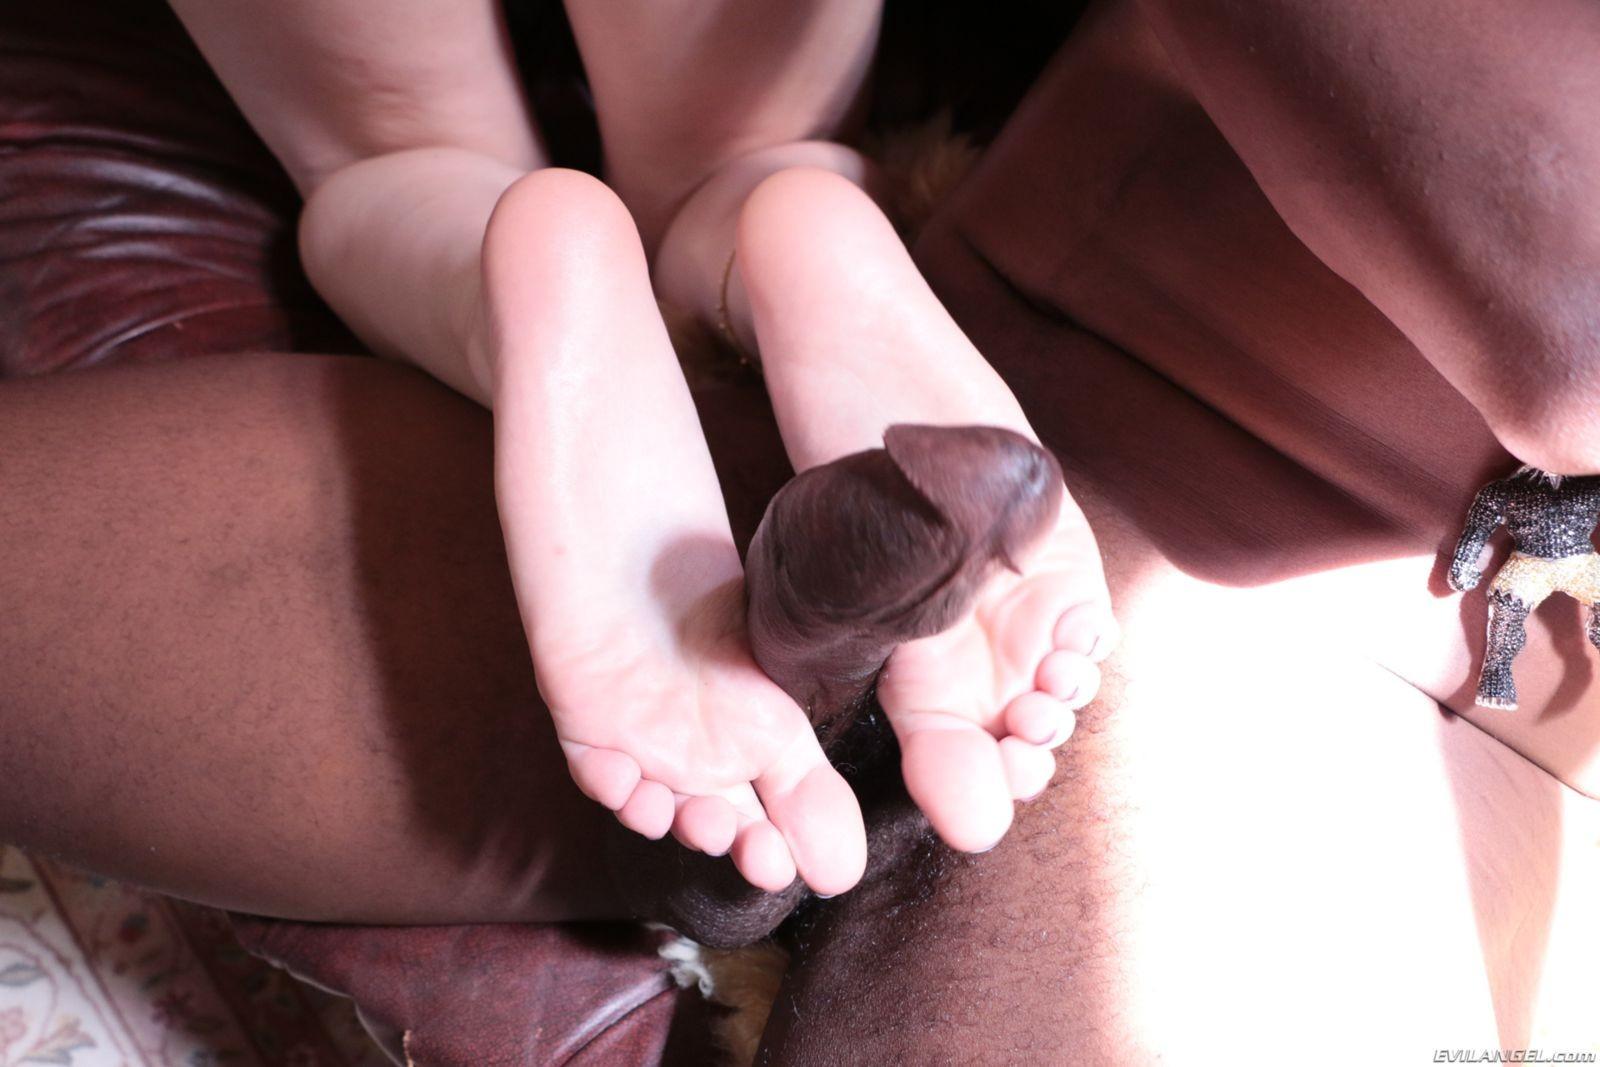 Брюнетка мастурбирует негру хуй своими тонкими нежными ногами